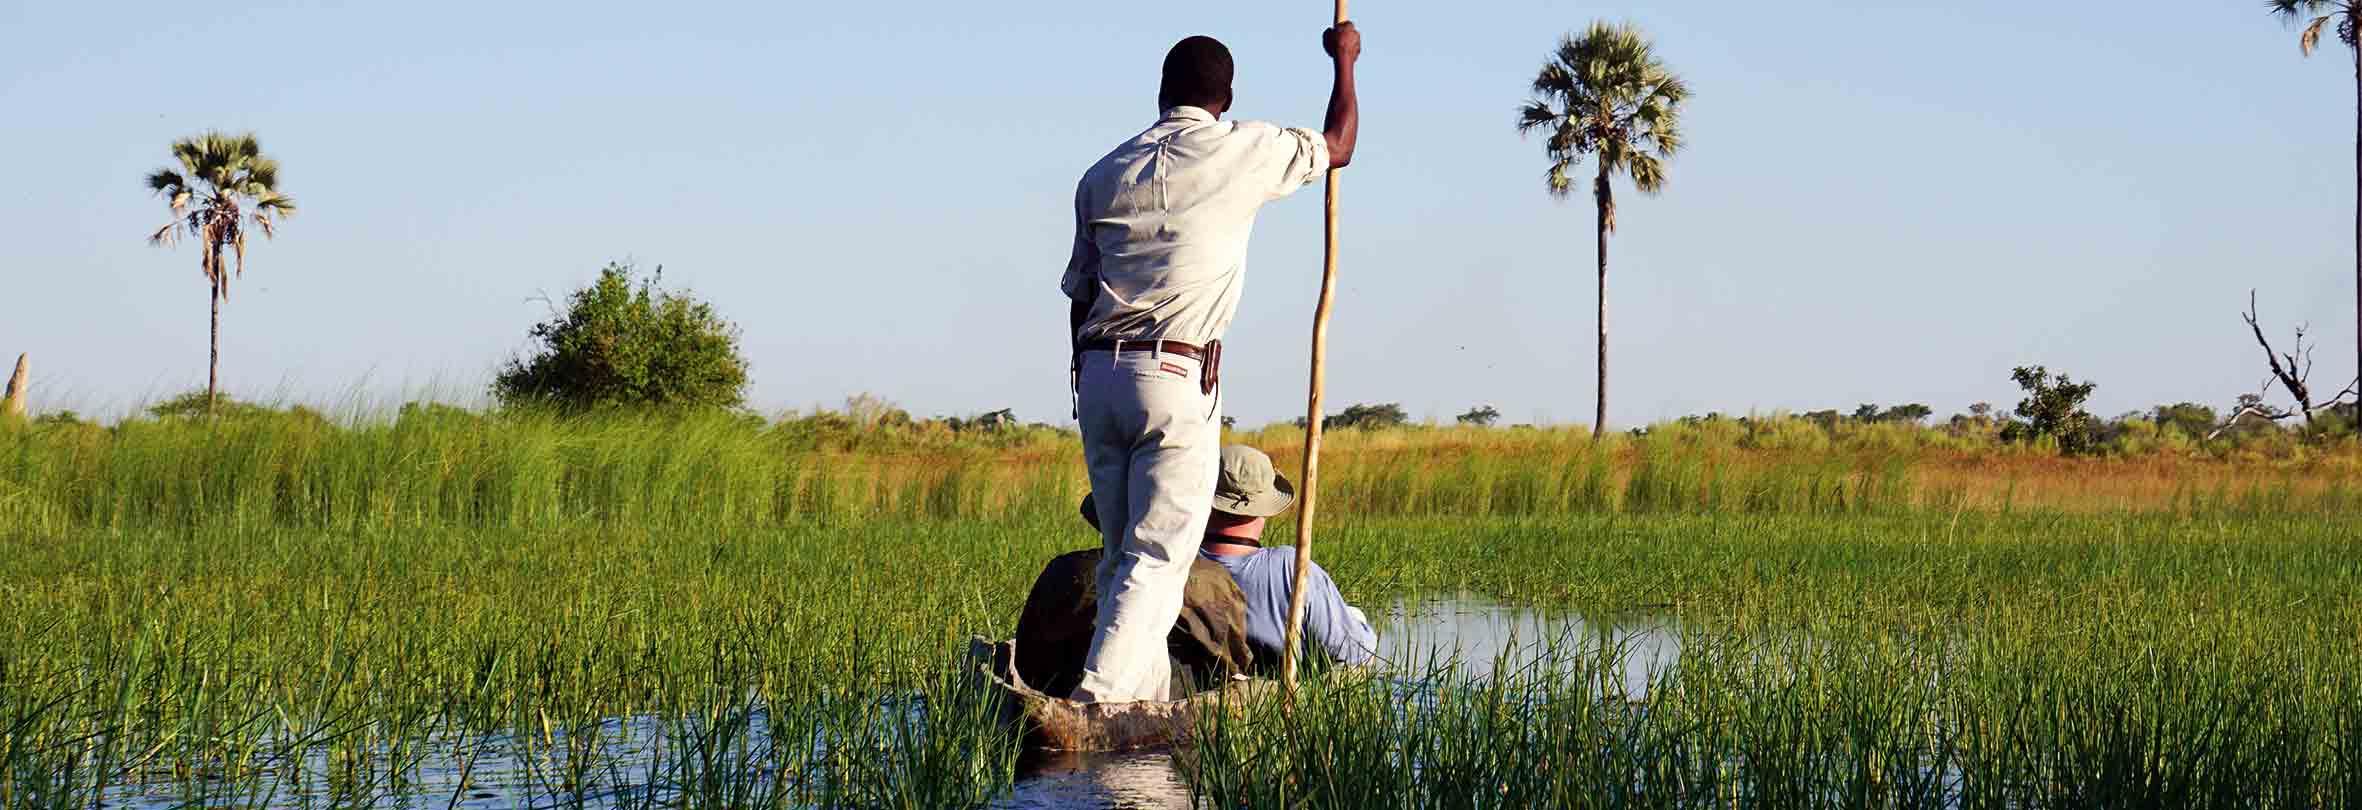 Mokoro-Fahrt im Okawango-Delta, Botswana